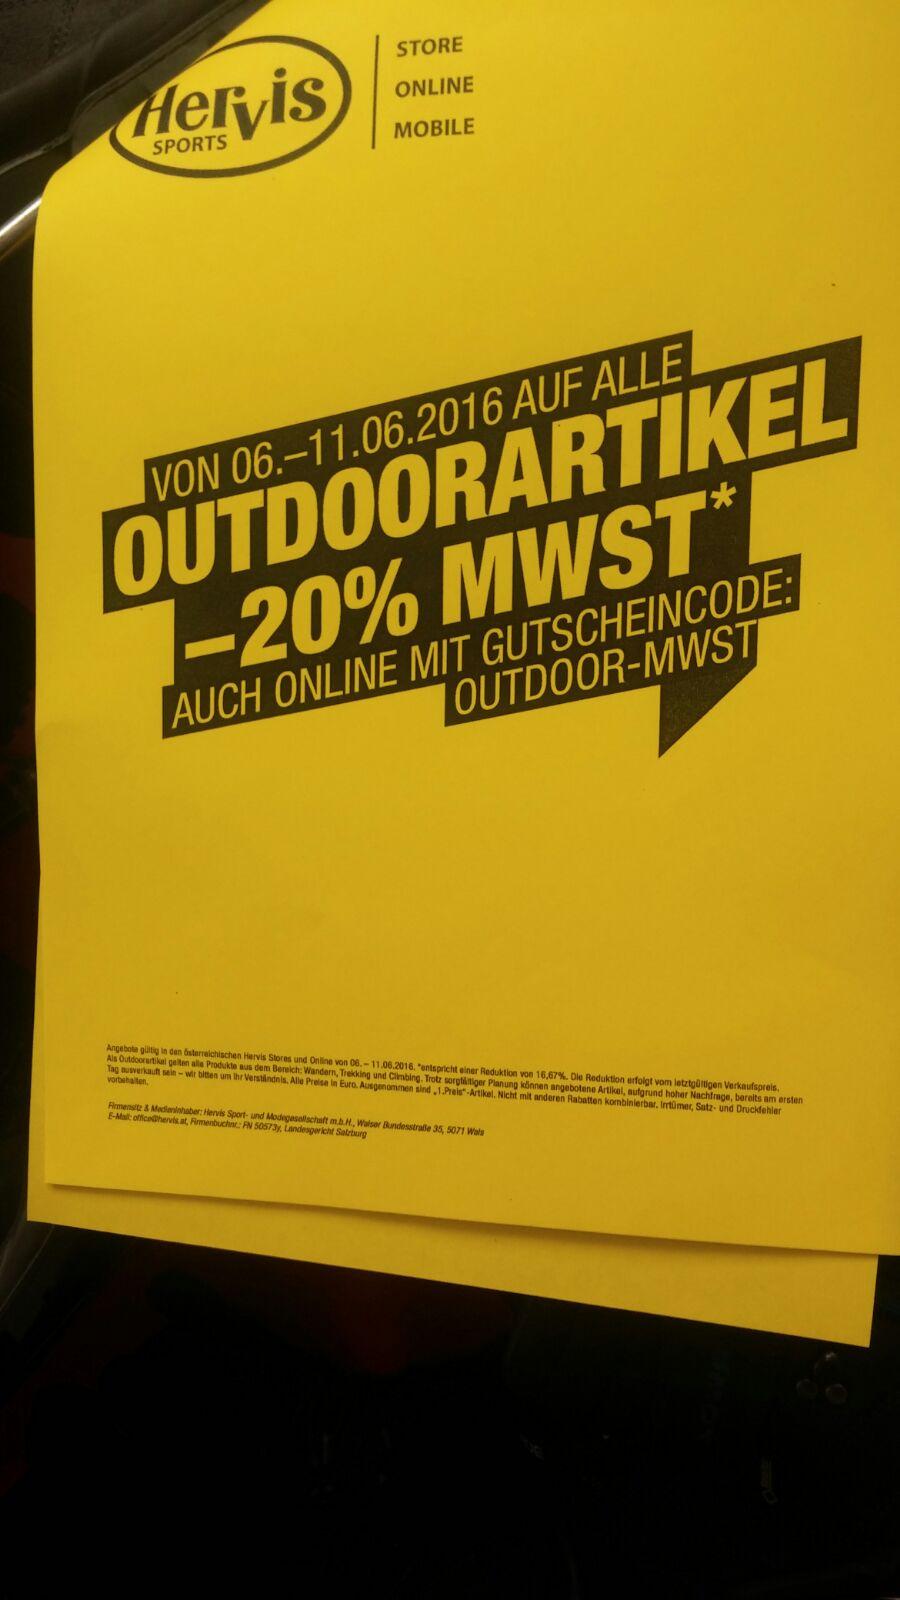 -16,67% beim Hervis für Outdoor Artikel